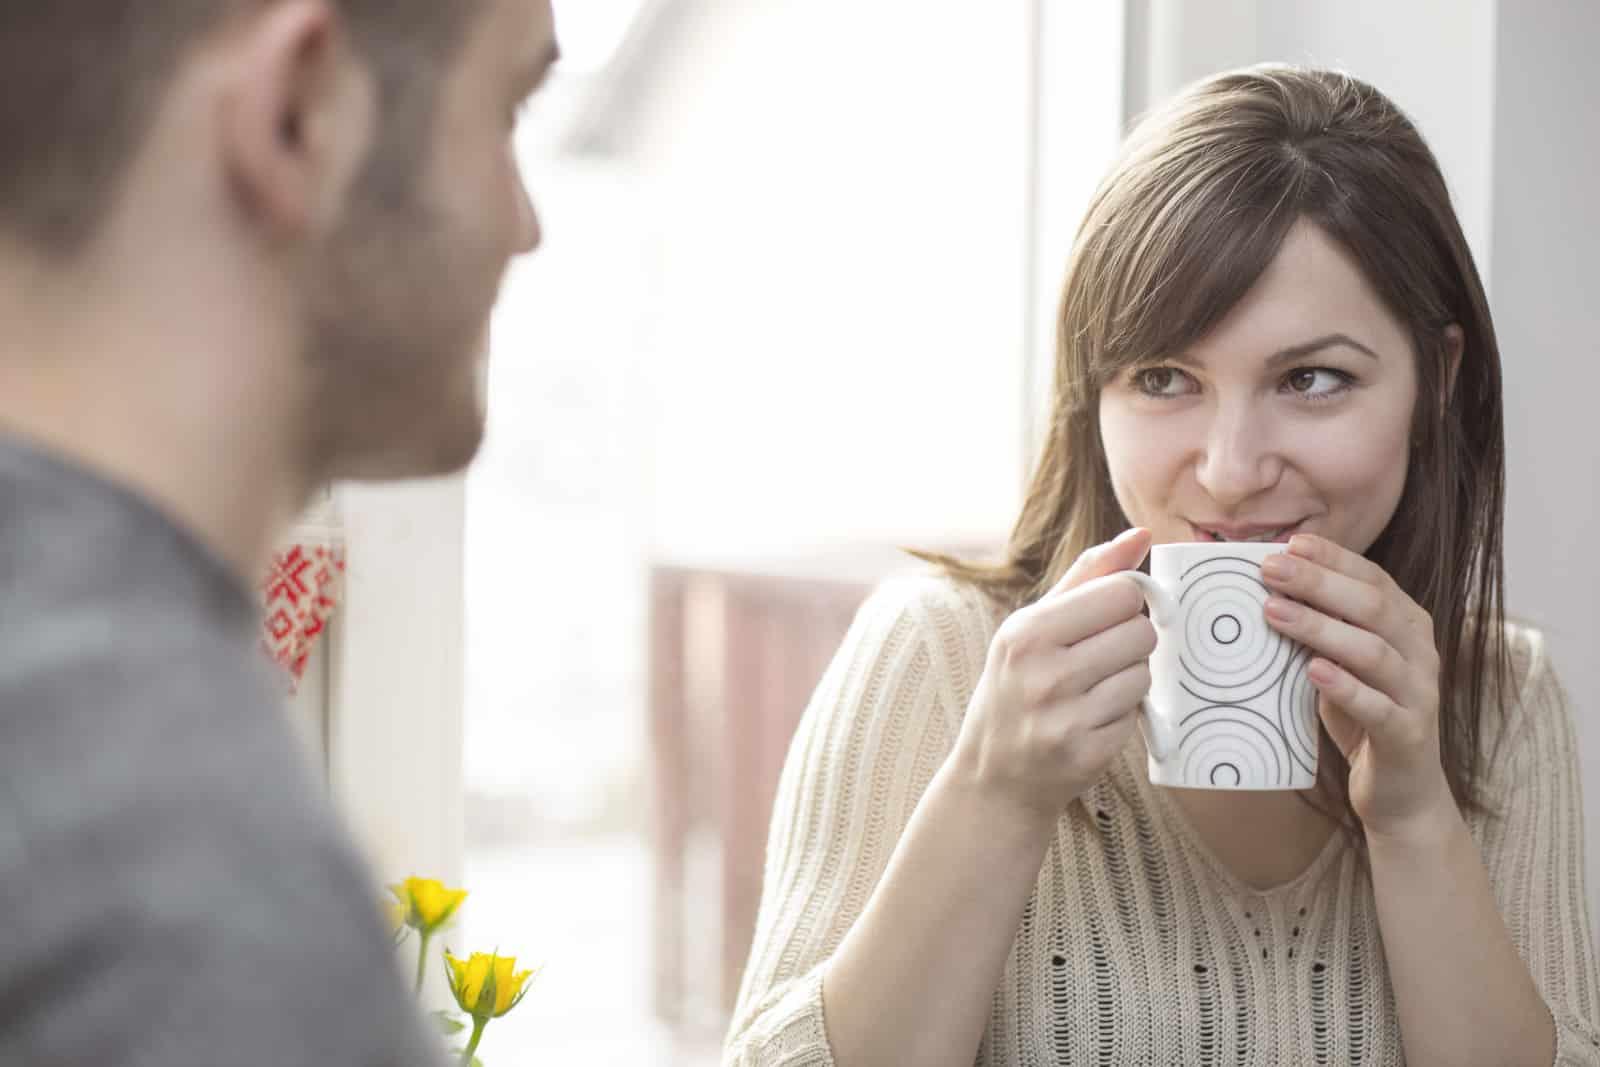 une fille souriante regarde un homme